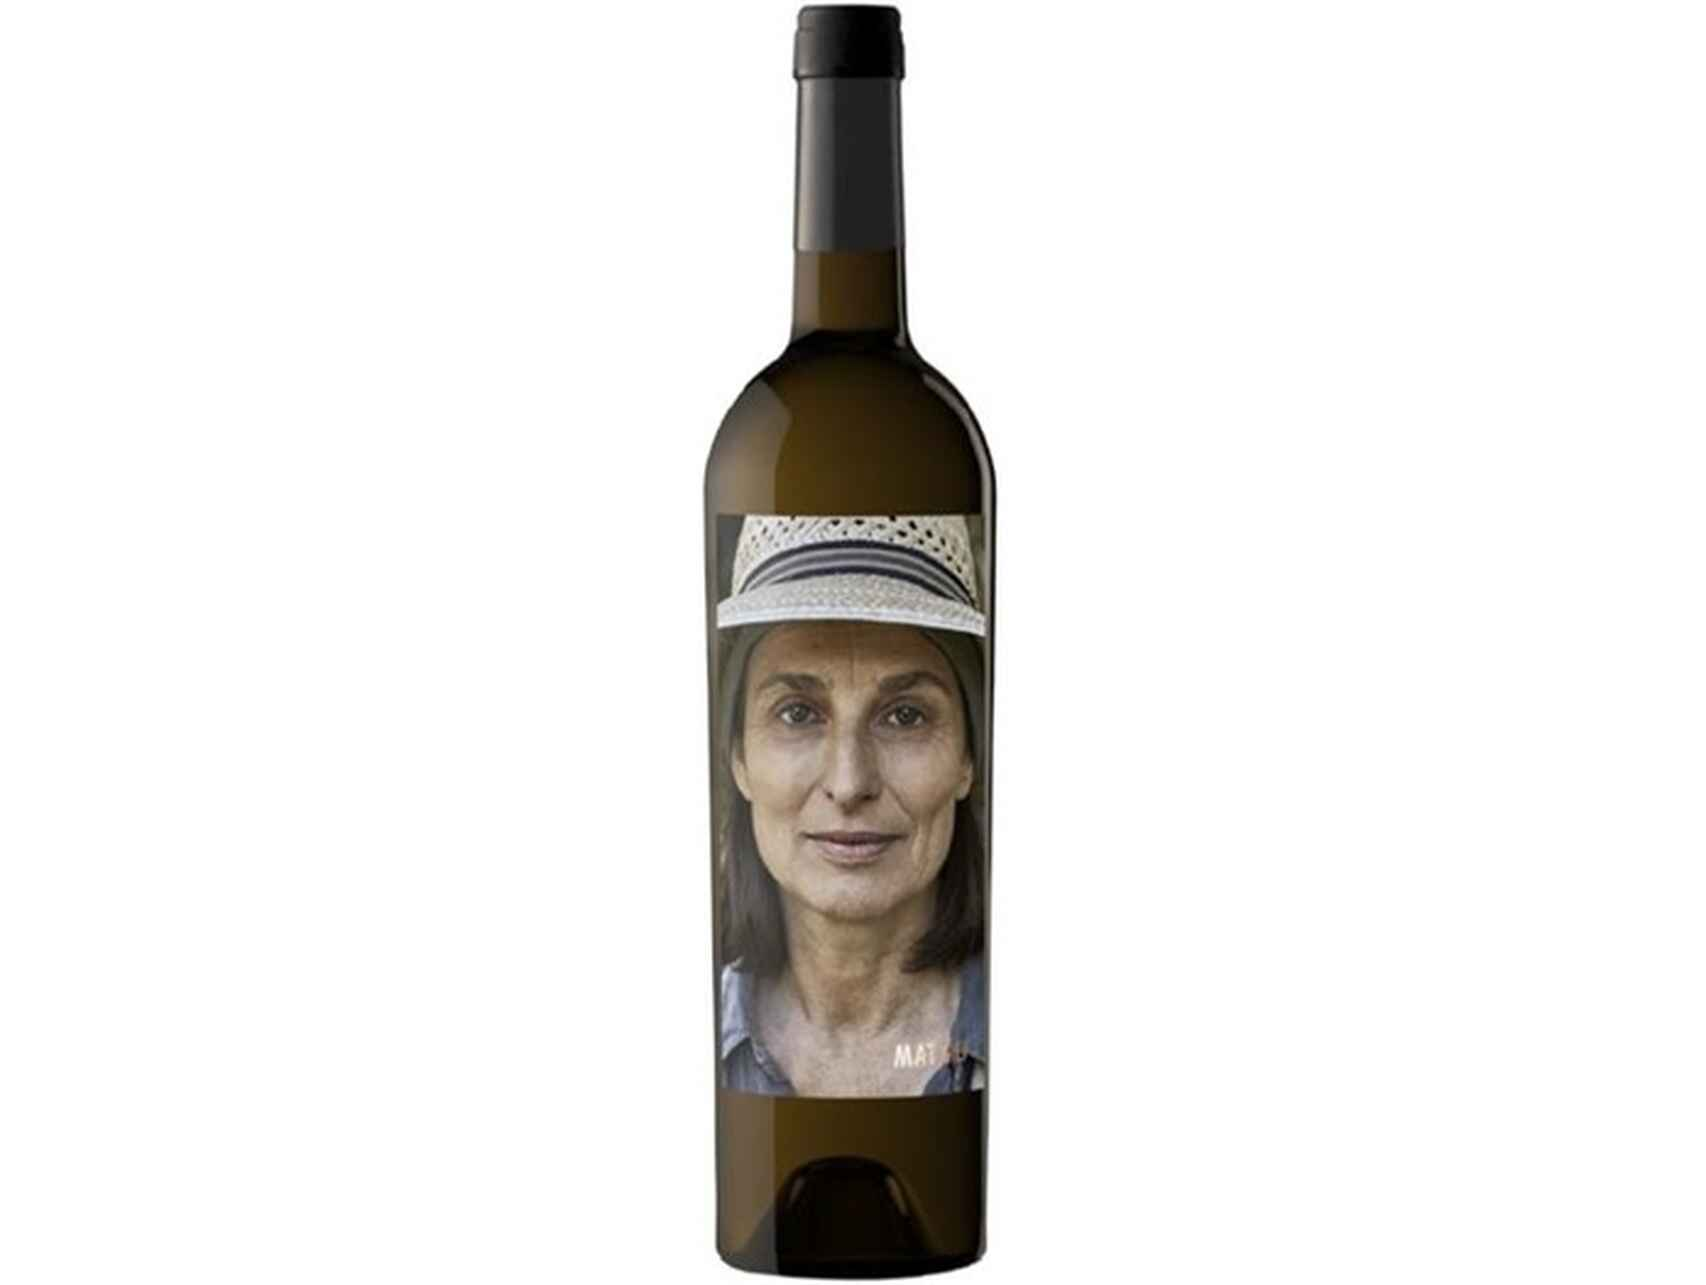 La Jefa, el vino blanco de Matsu.